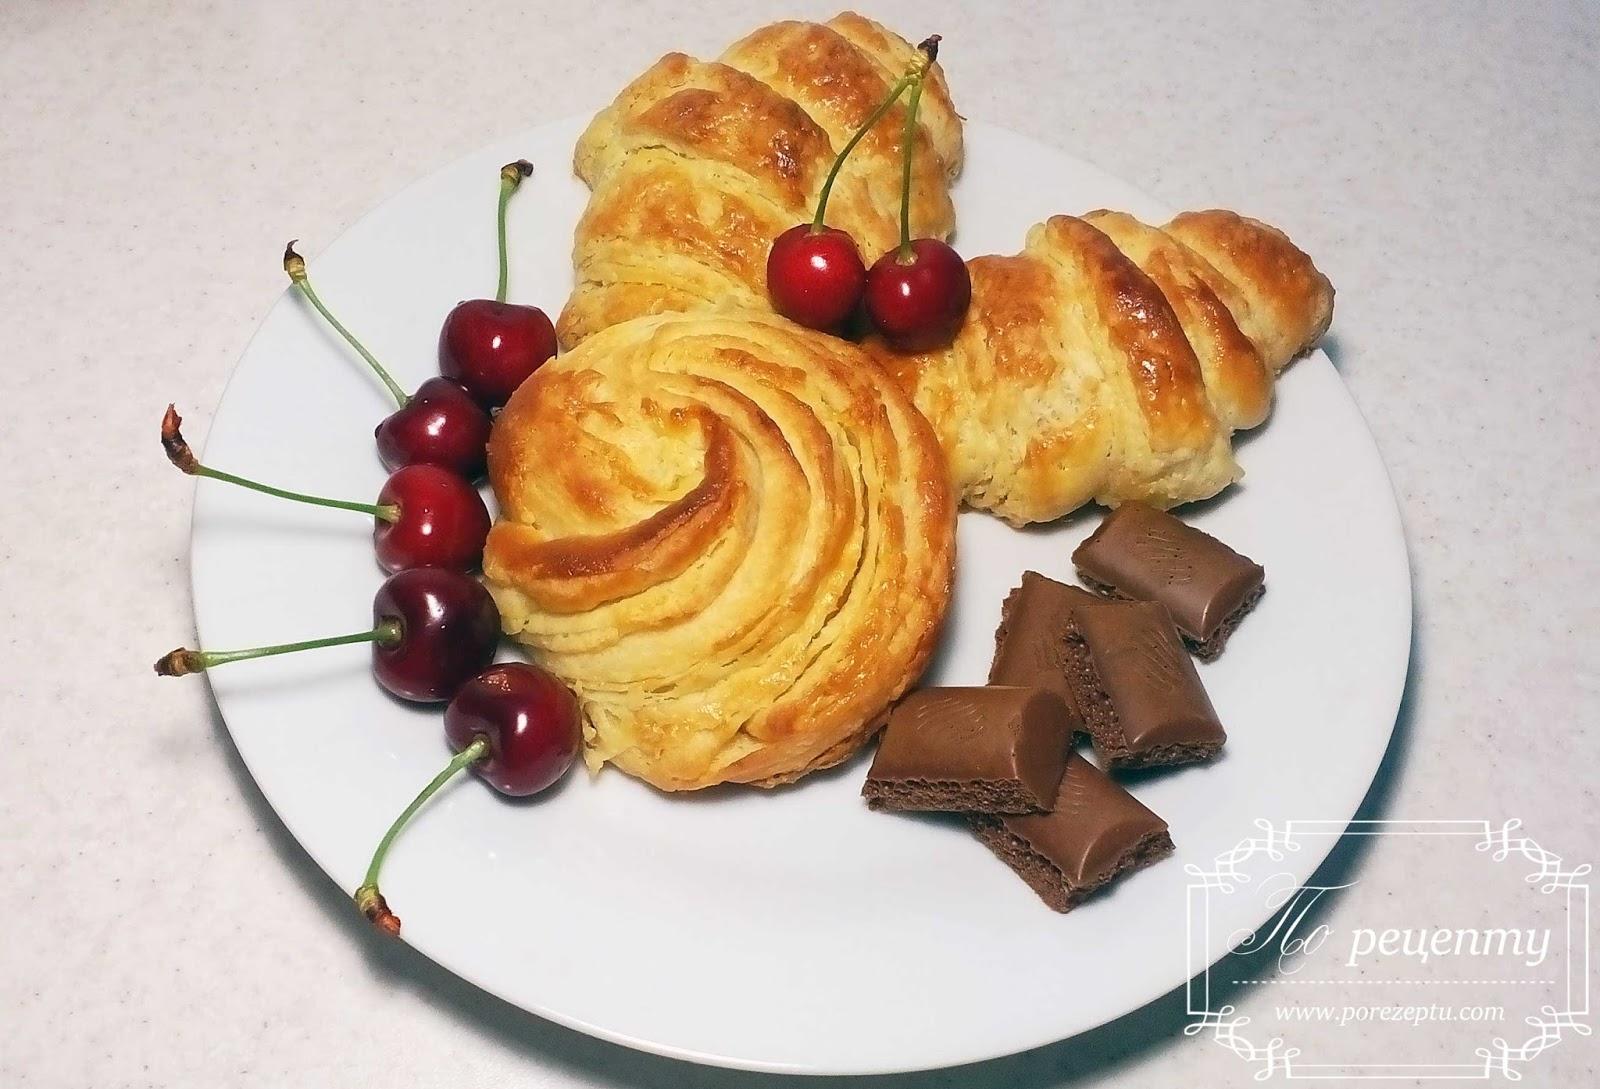 Рецепт круассанов с шоколадом в домашних условиях